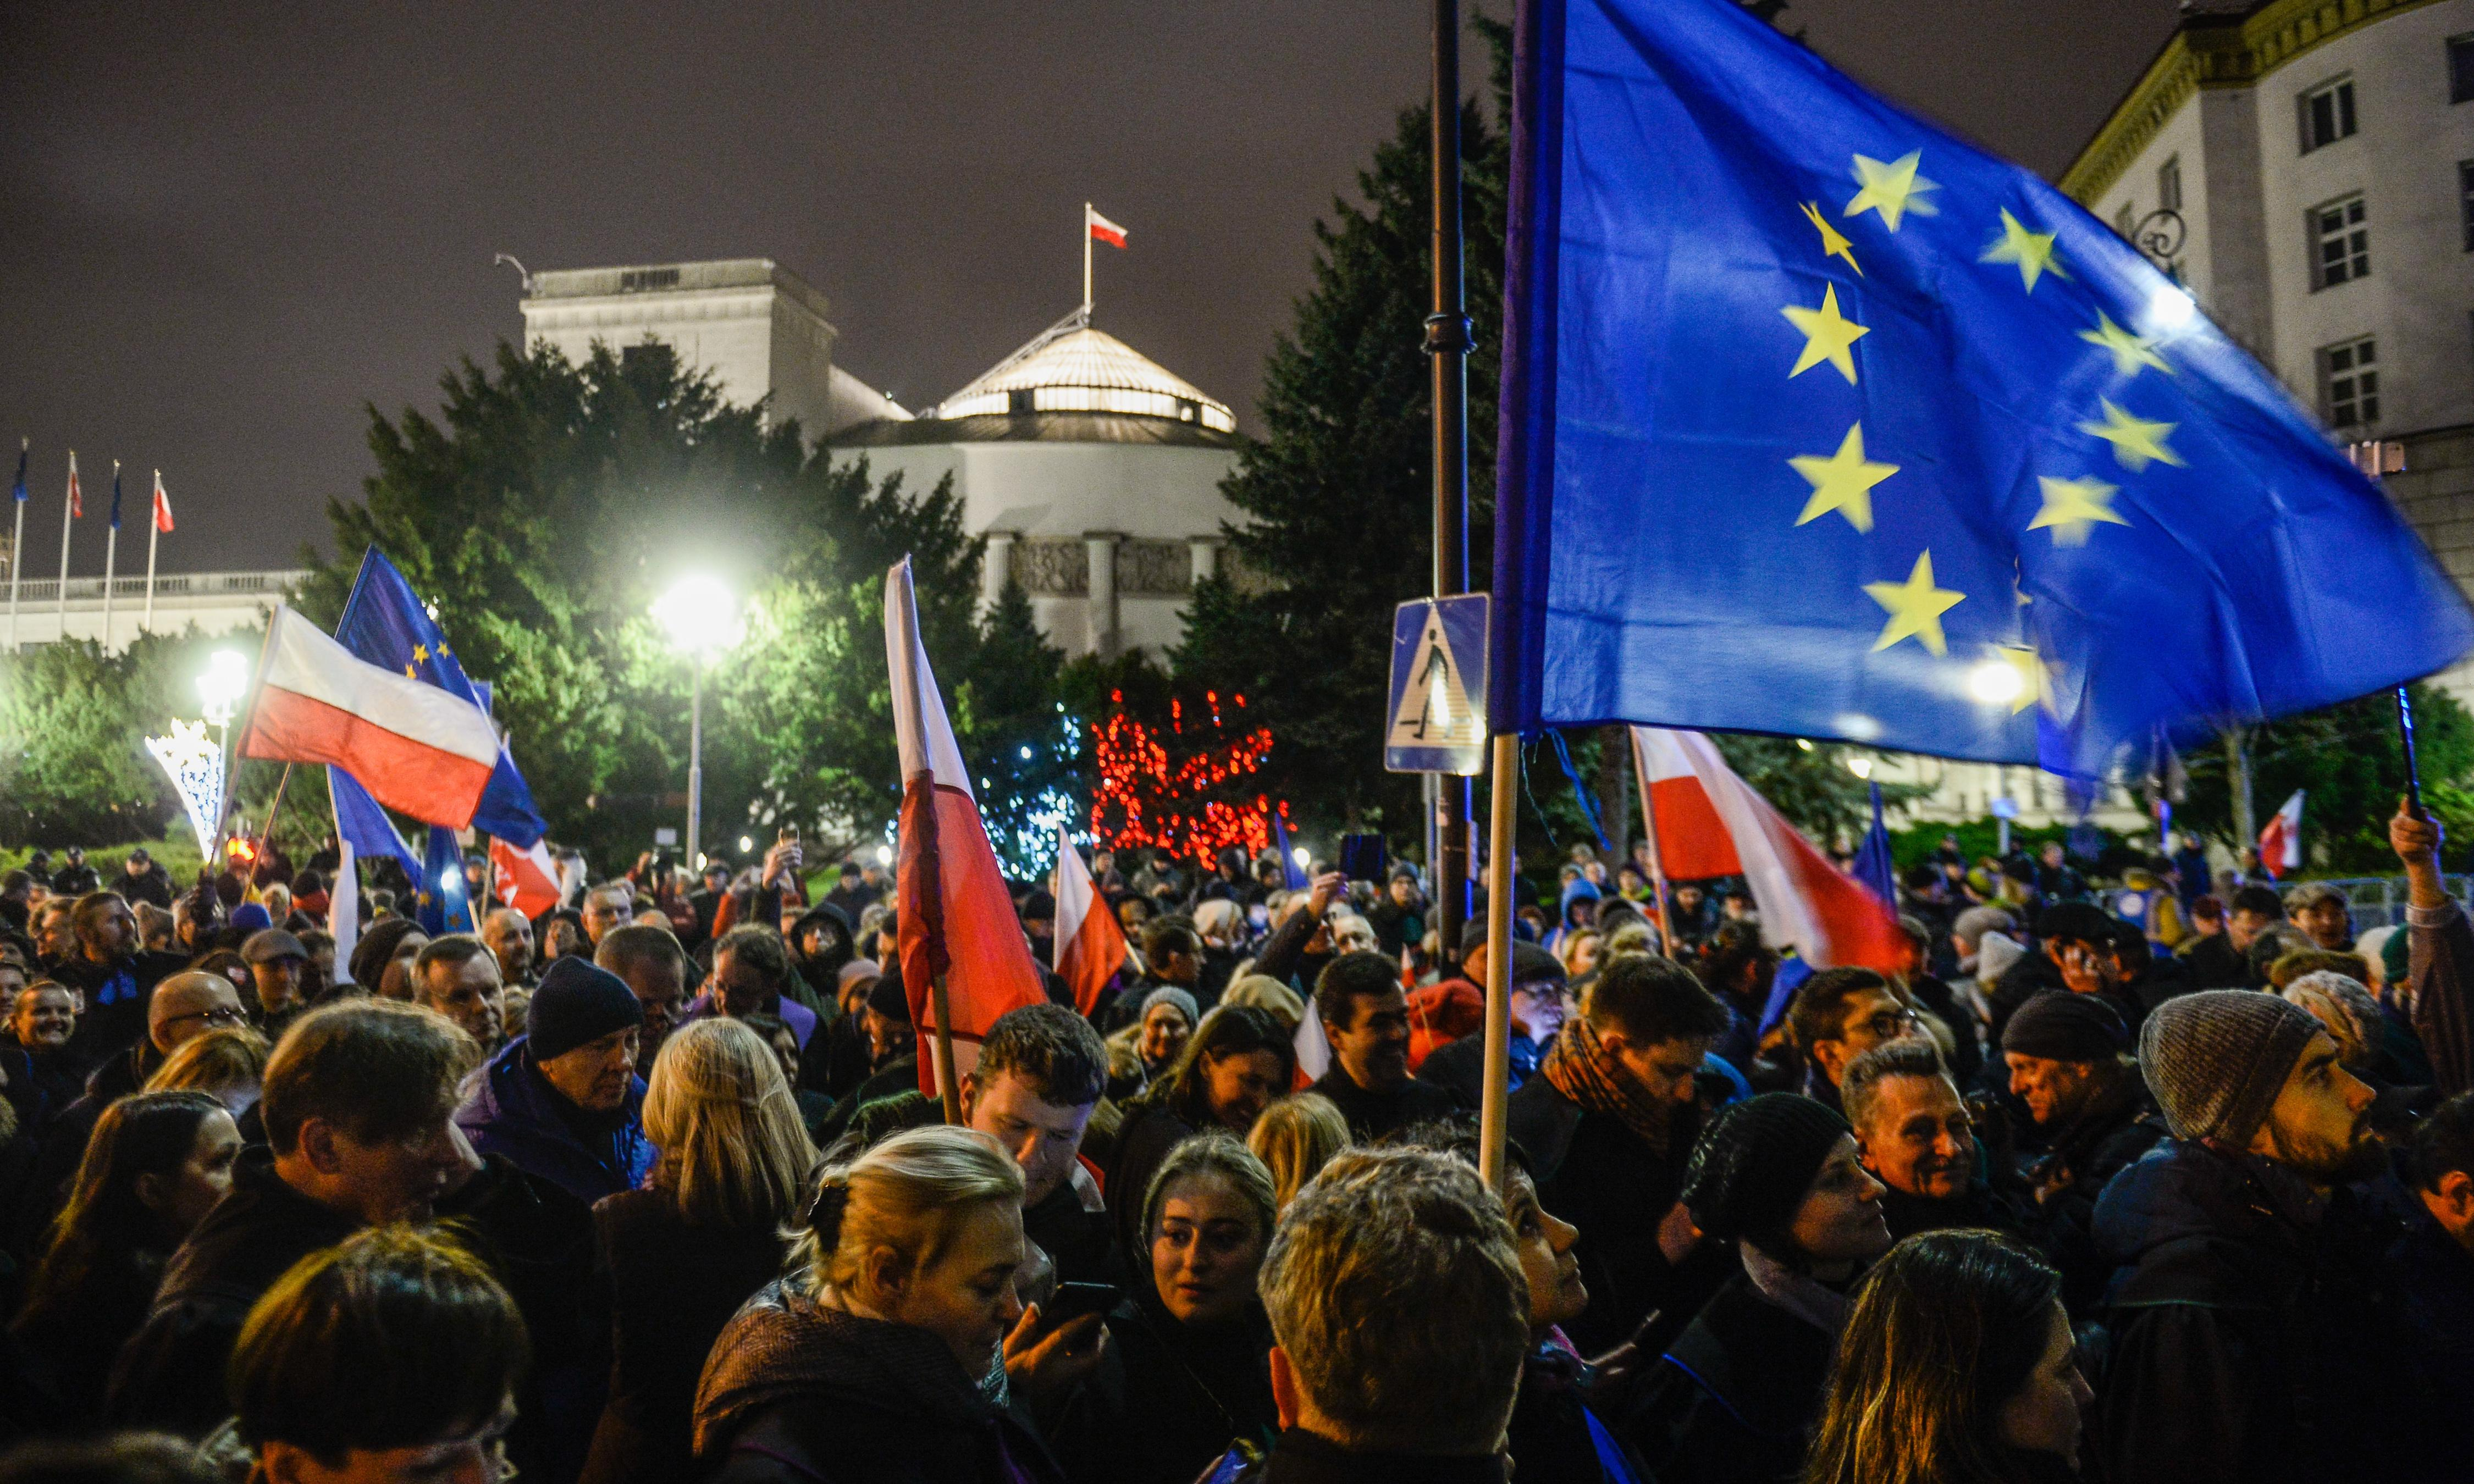 'Declaration of war': Polish row over judicial independence escalates